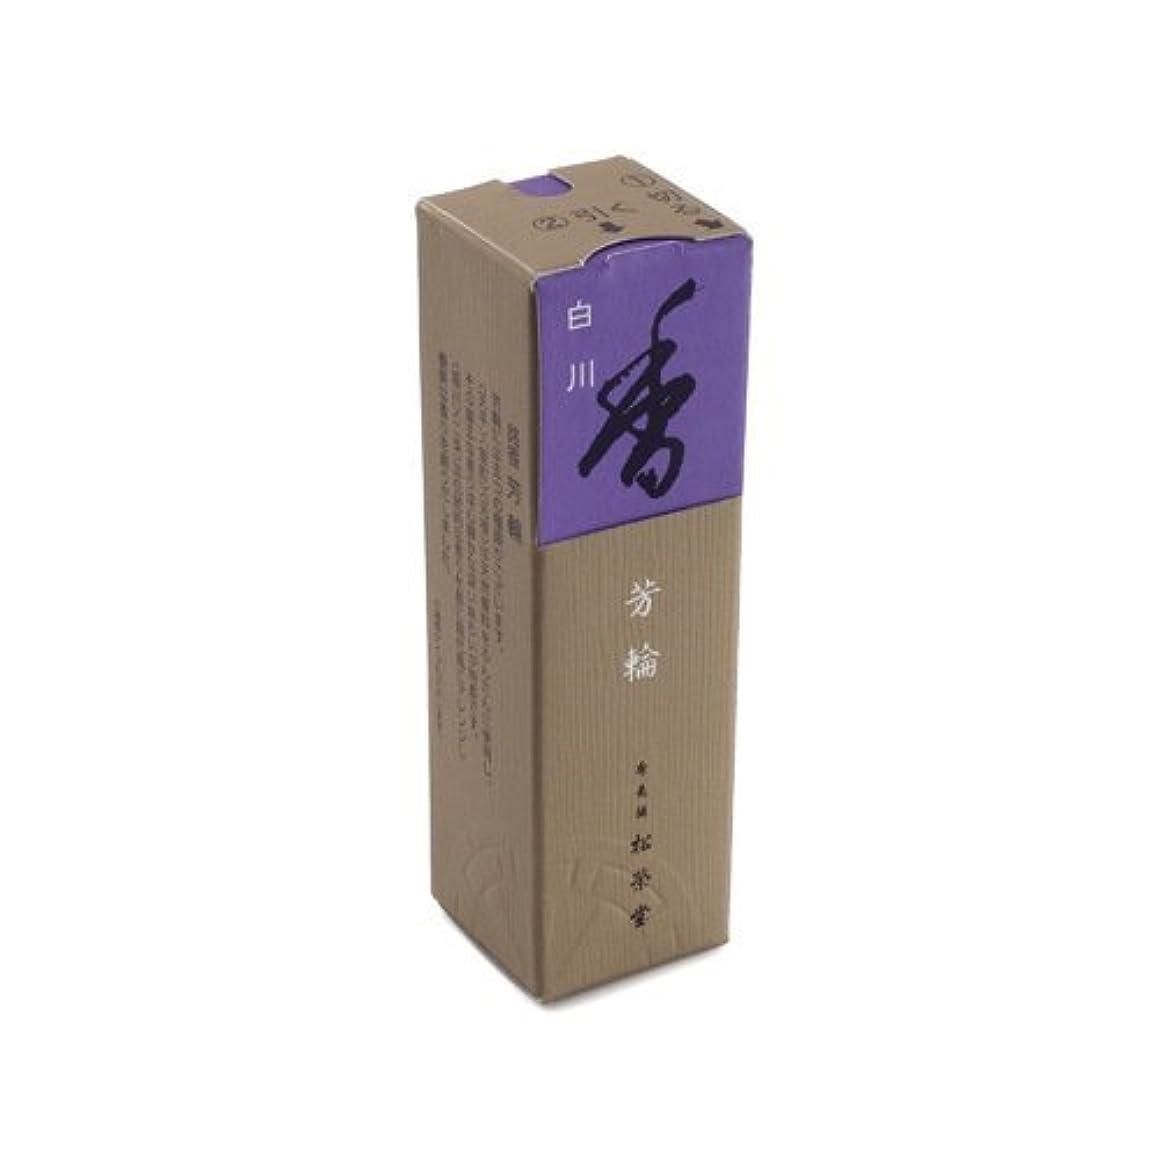 幻想的寛解保持するShoyeido - Horin Incense Sticks White River - 20 Stick(s) by Shoyeido